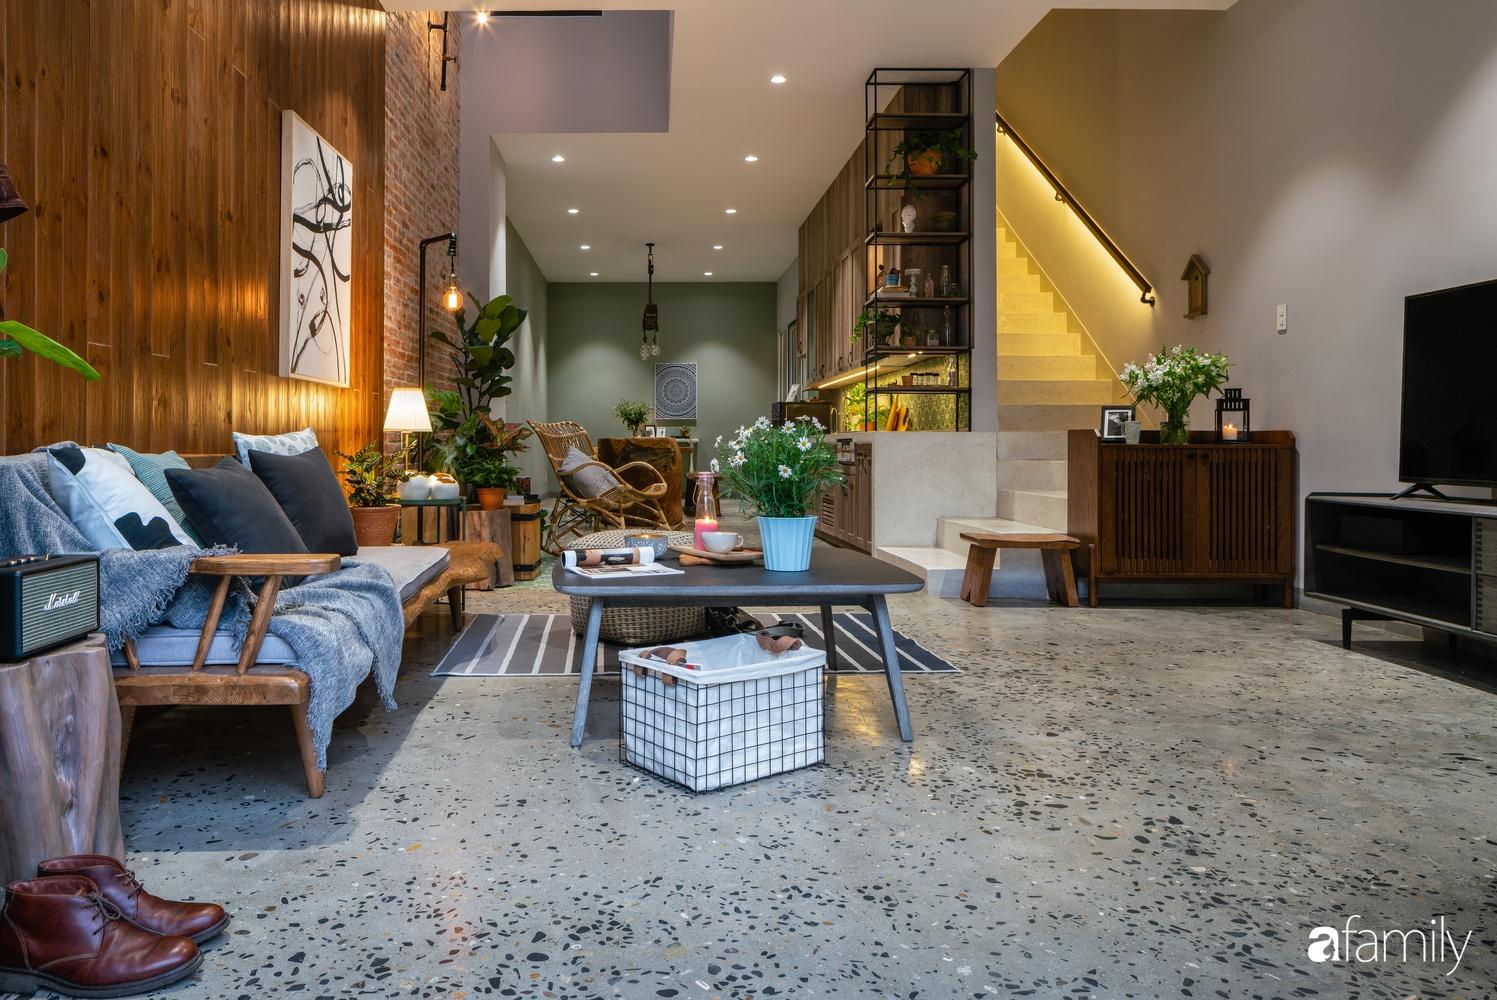 Ngôi nhà có kiến trúc độc đáo giàu tính nghệ thuật đẹp yên bình, mộc mạc giữa trung tâm thành phố Đà Nẵng - Ảnh 6.